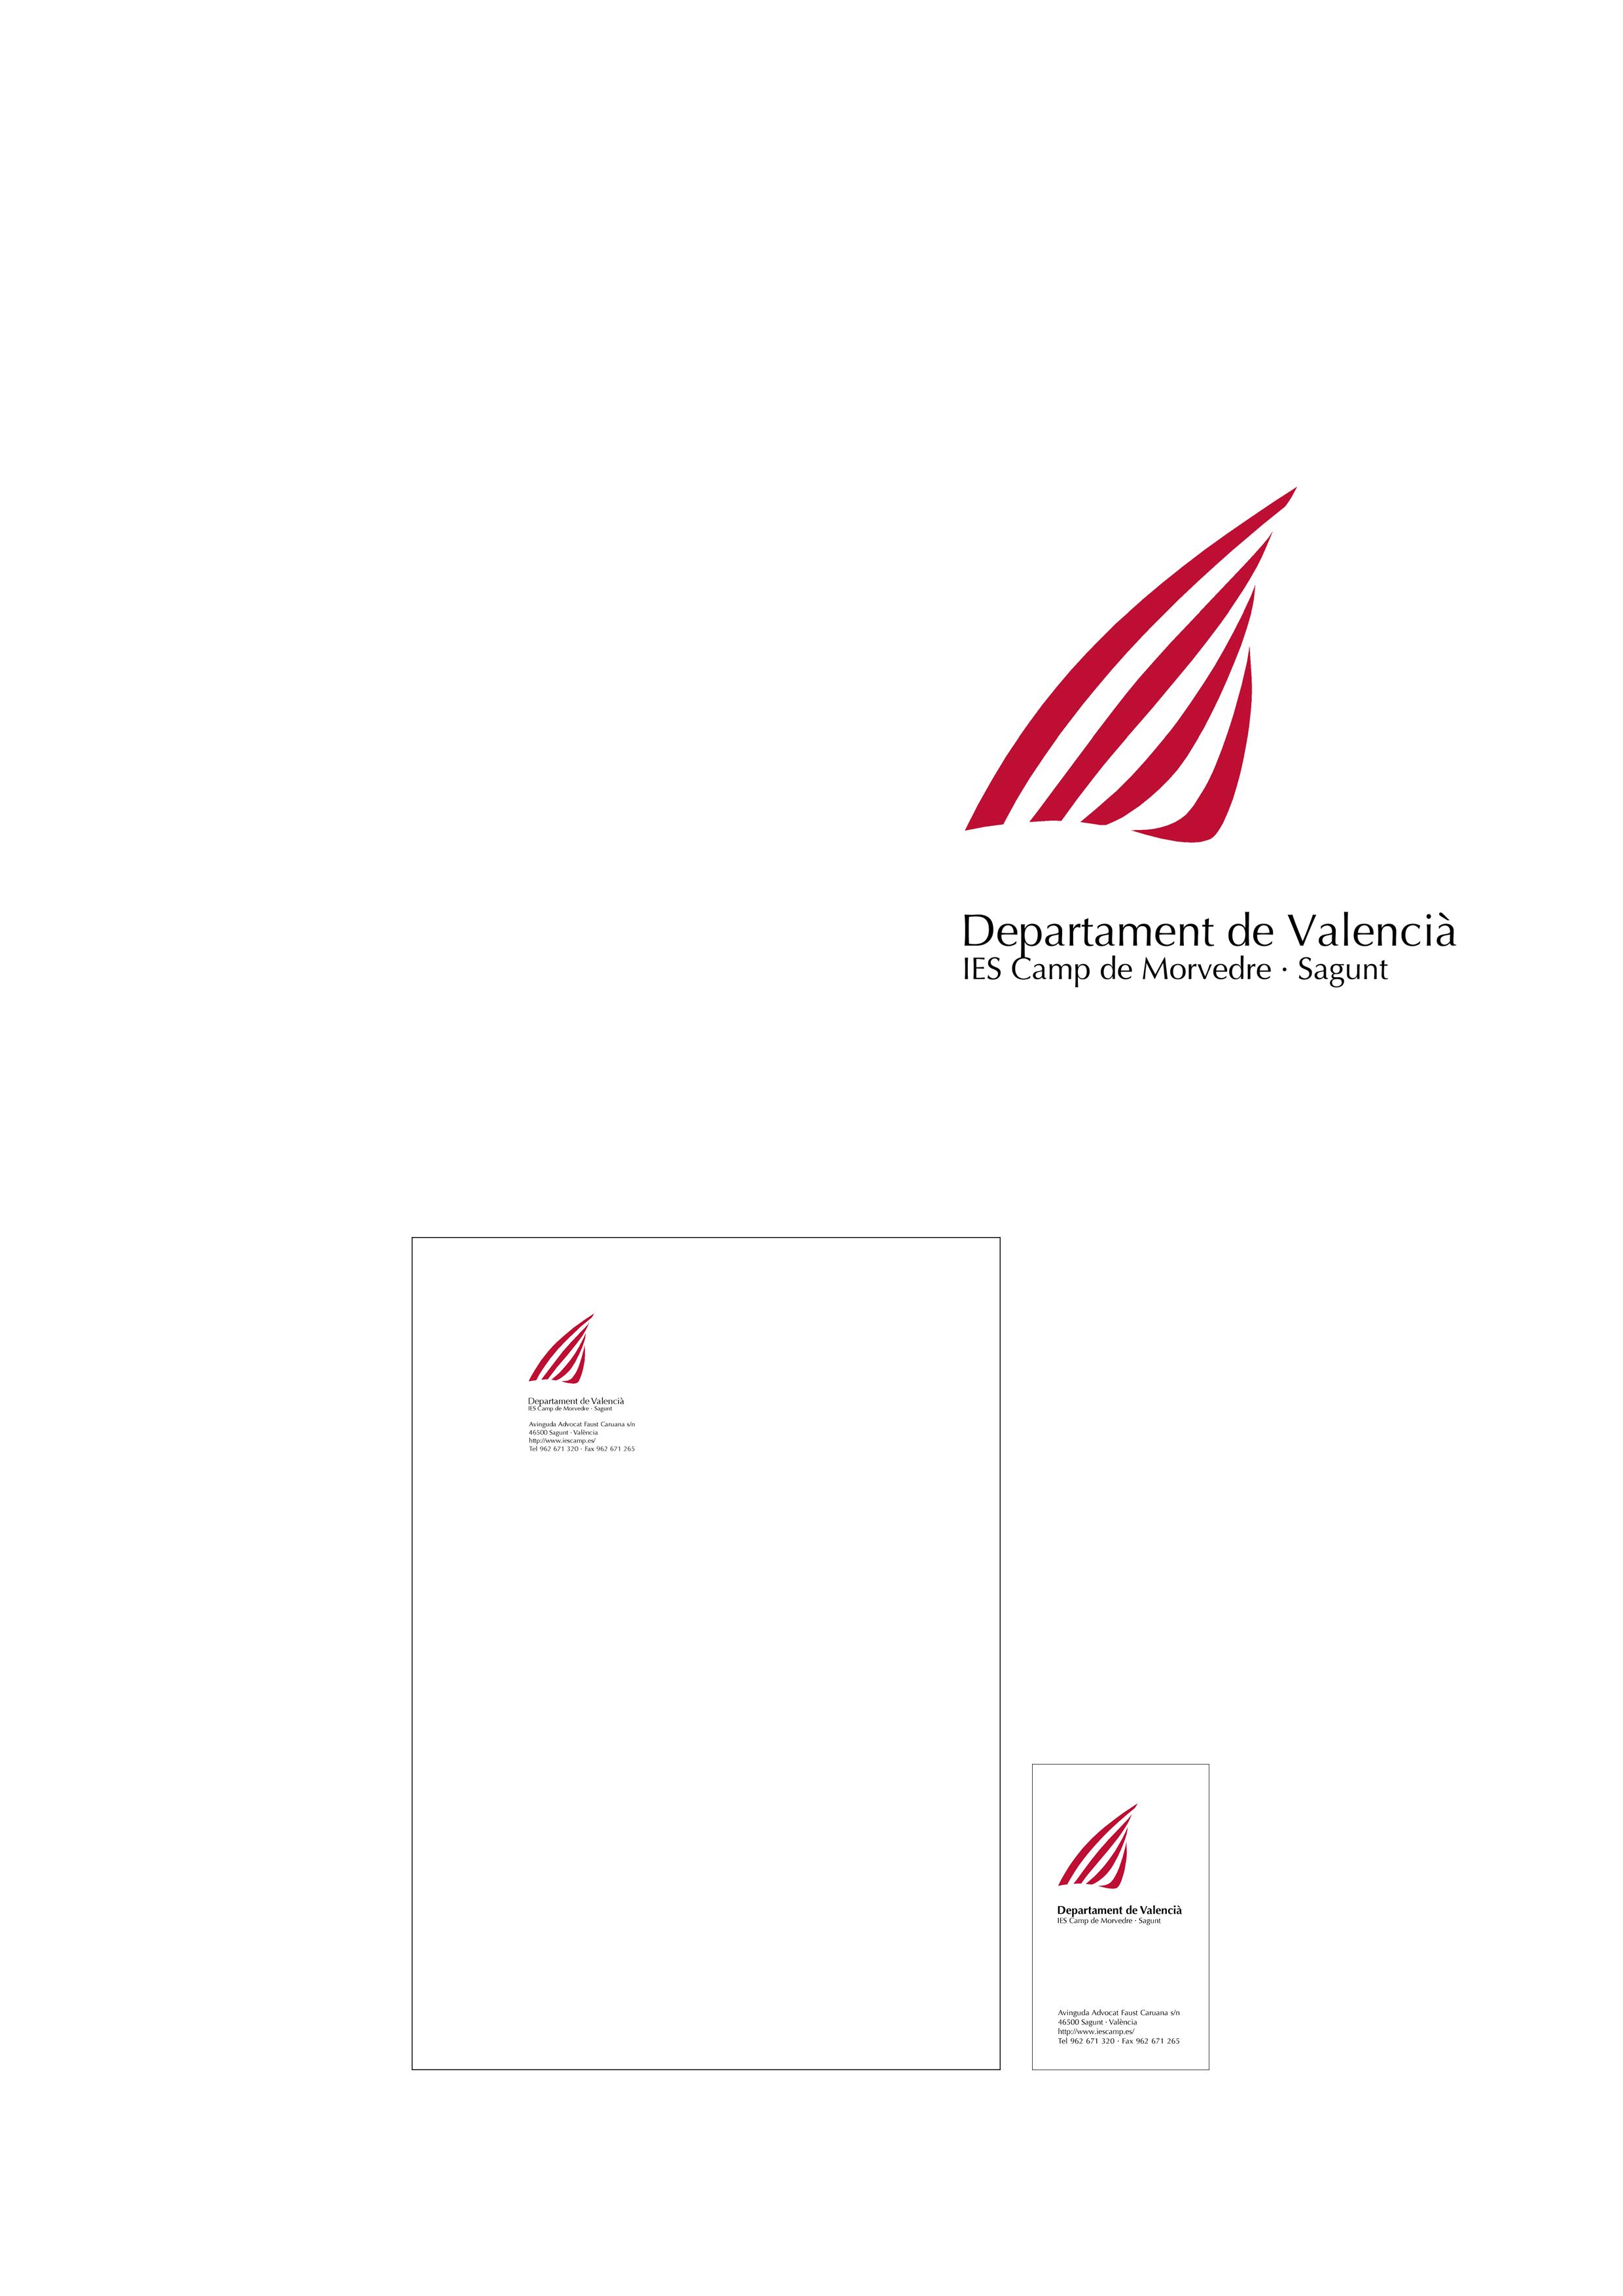 Logotipo y aplicaciones para el Departament de Valencià del IES Camp de Morvedre, Sagunt